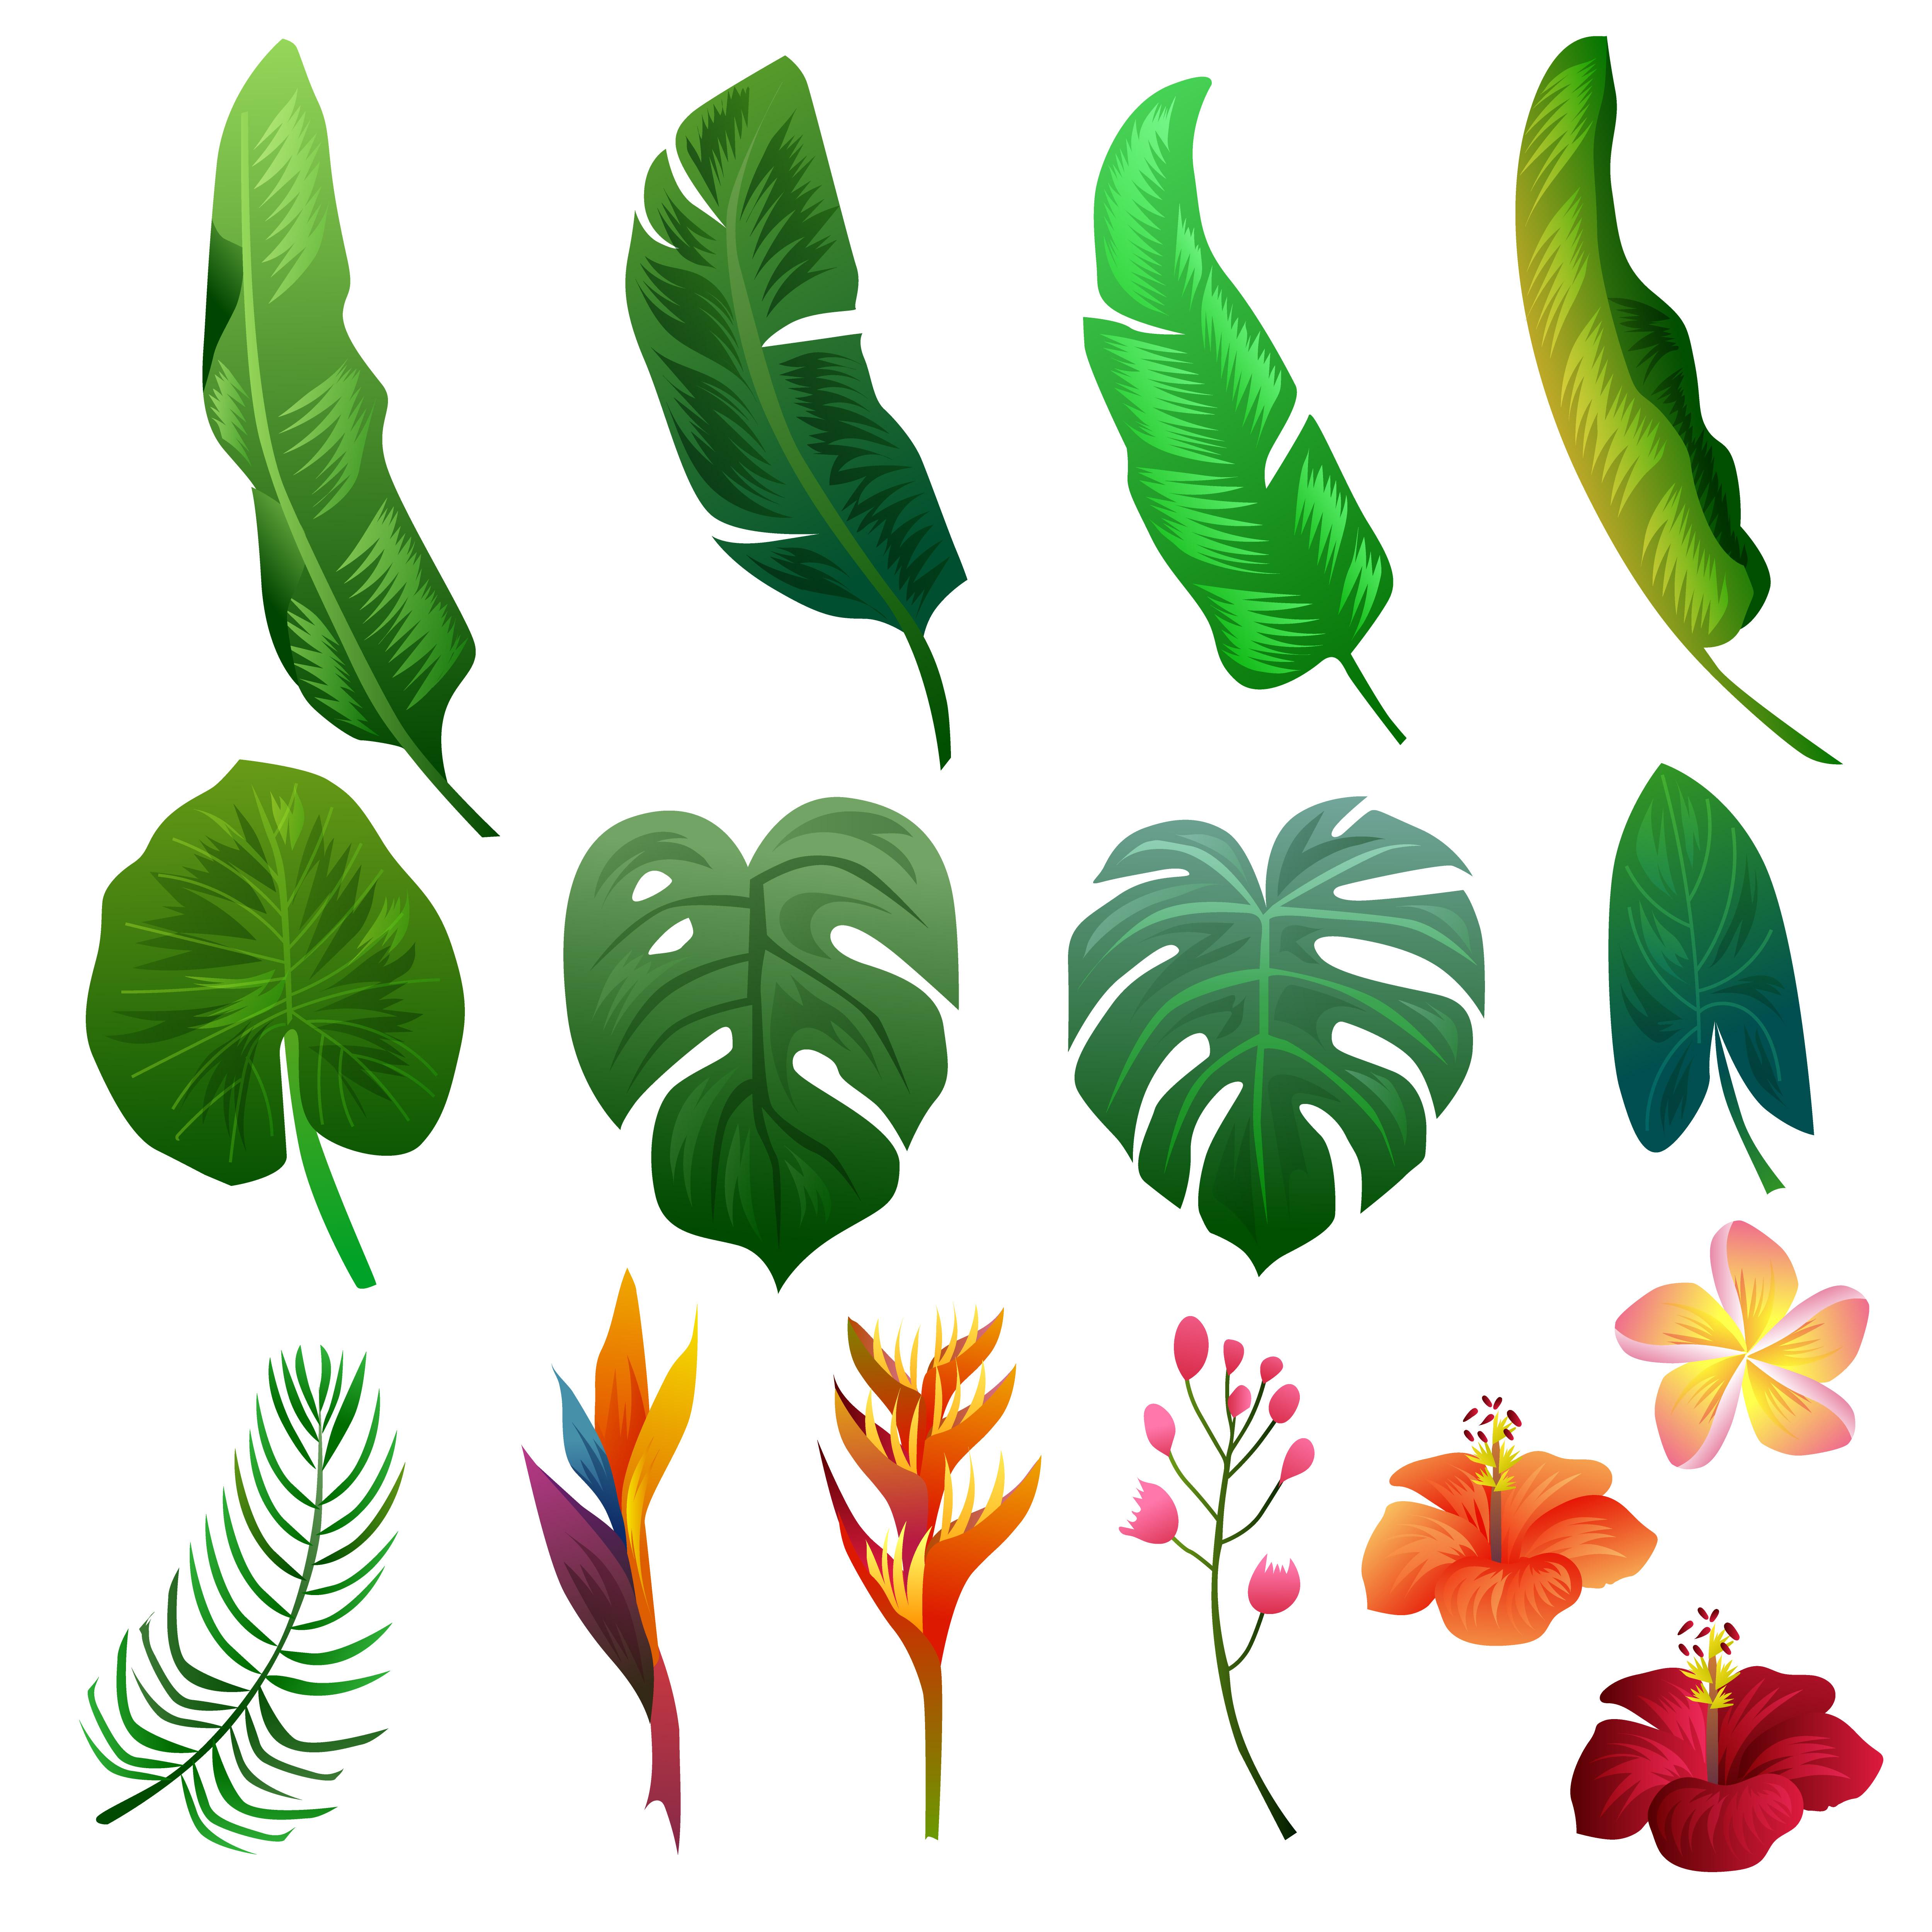 Tropical Ete Feuillage Nature Clipart Objet Ensemble Telecharger Vectoriel Gratuit Clipart Graphique Vecteur Dessins Et Pictogramme Gratuit